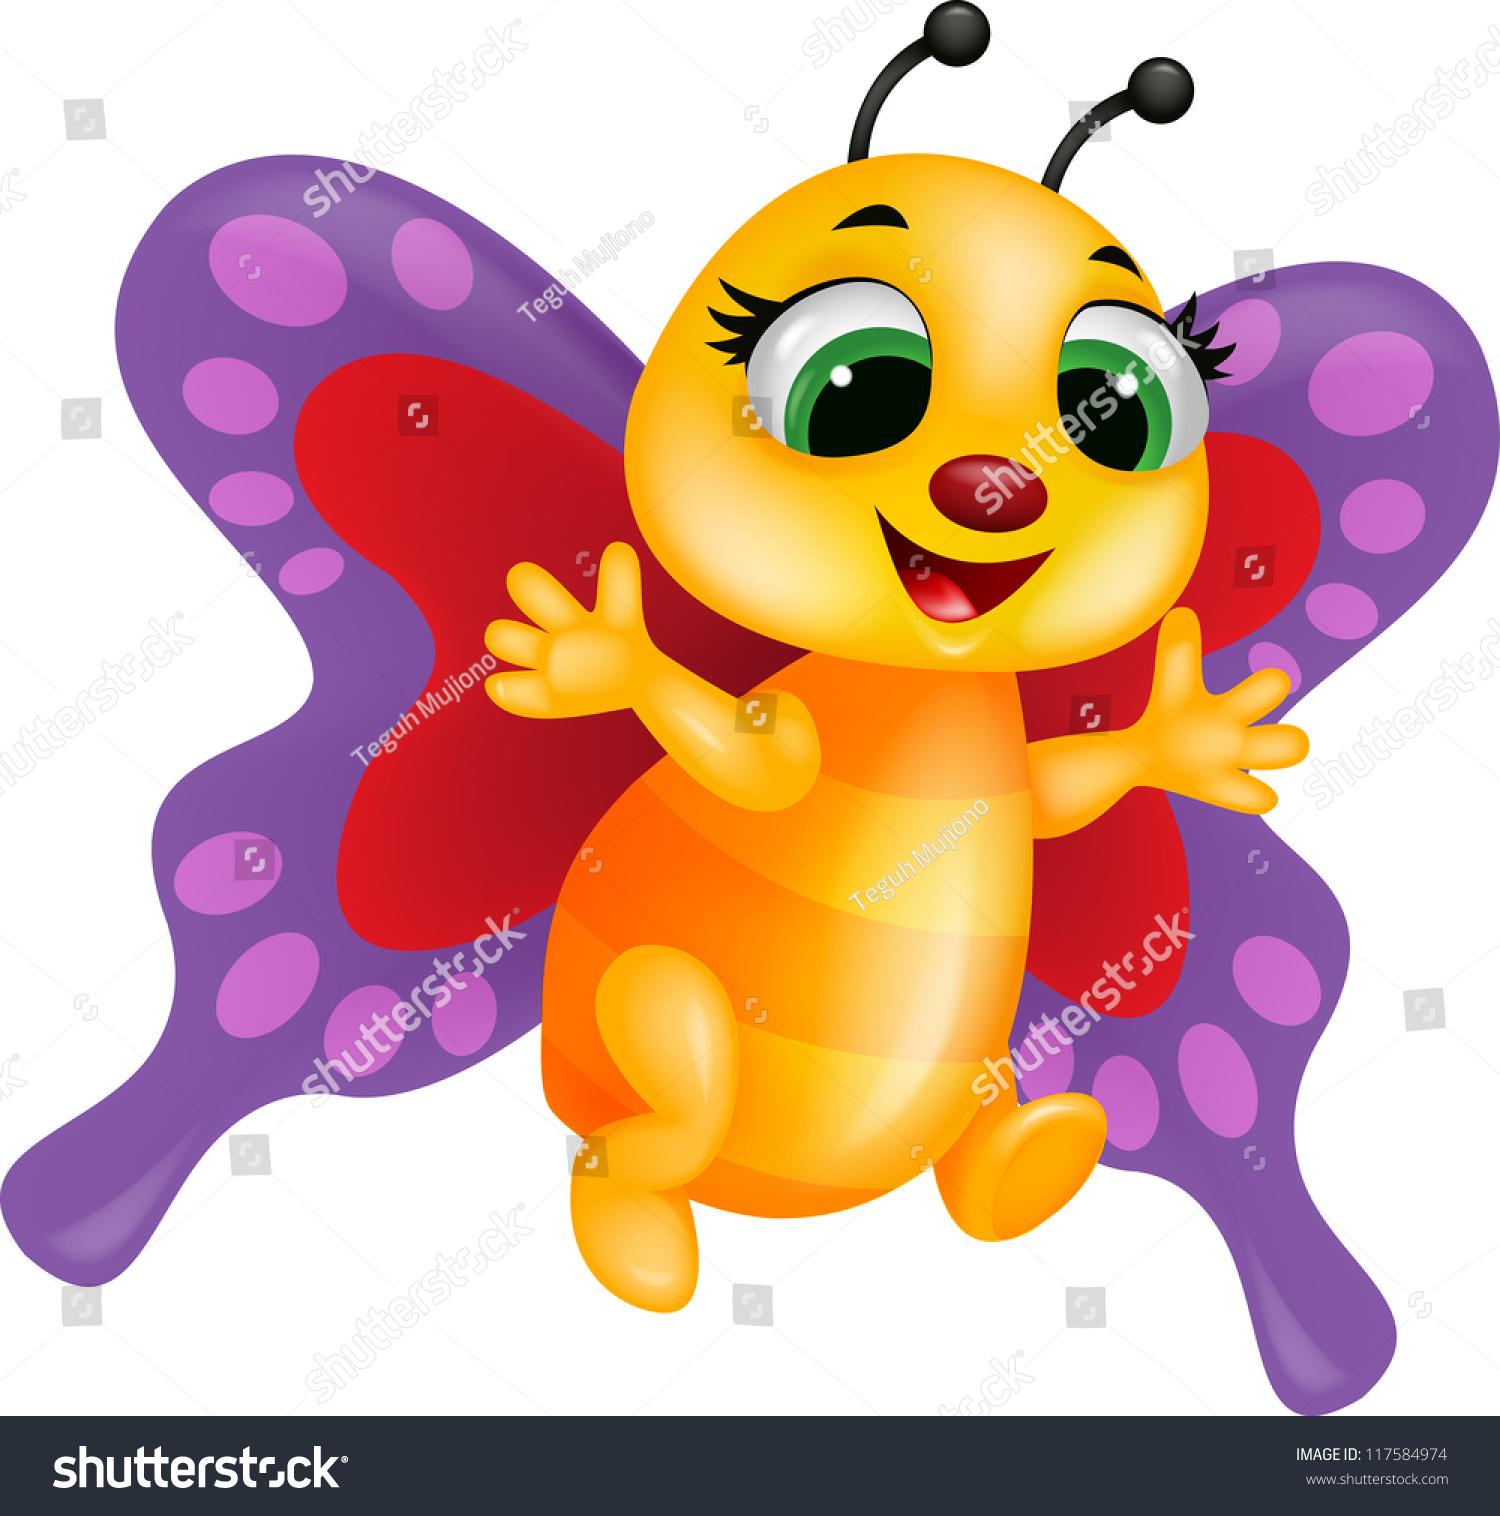 有趣的蝴蝶卡通-动物/野生生物-海洛创意(hellorf)